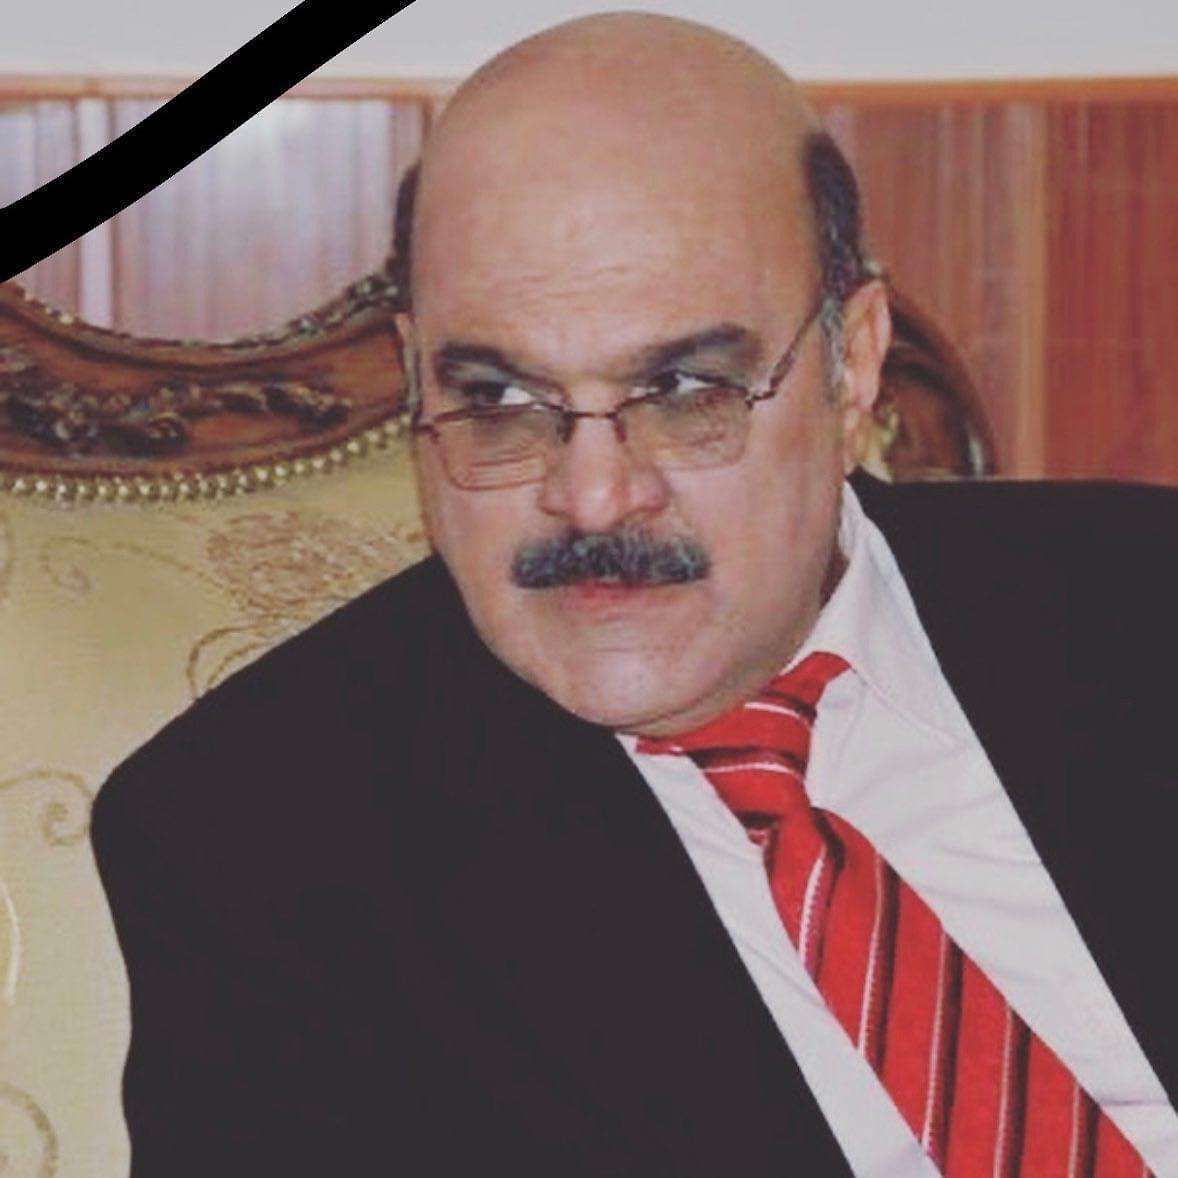 وفاة الفنان مهدي الحسيني نتيجة سكتة قلبية